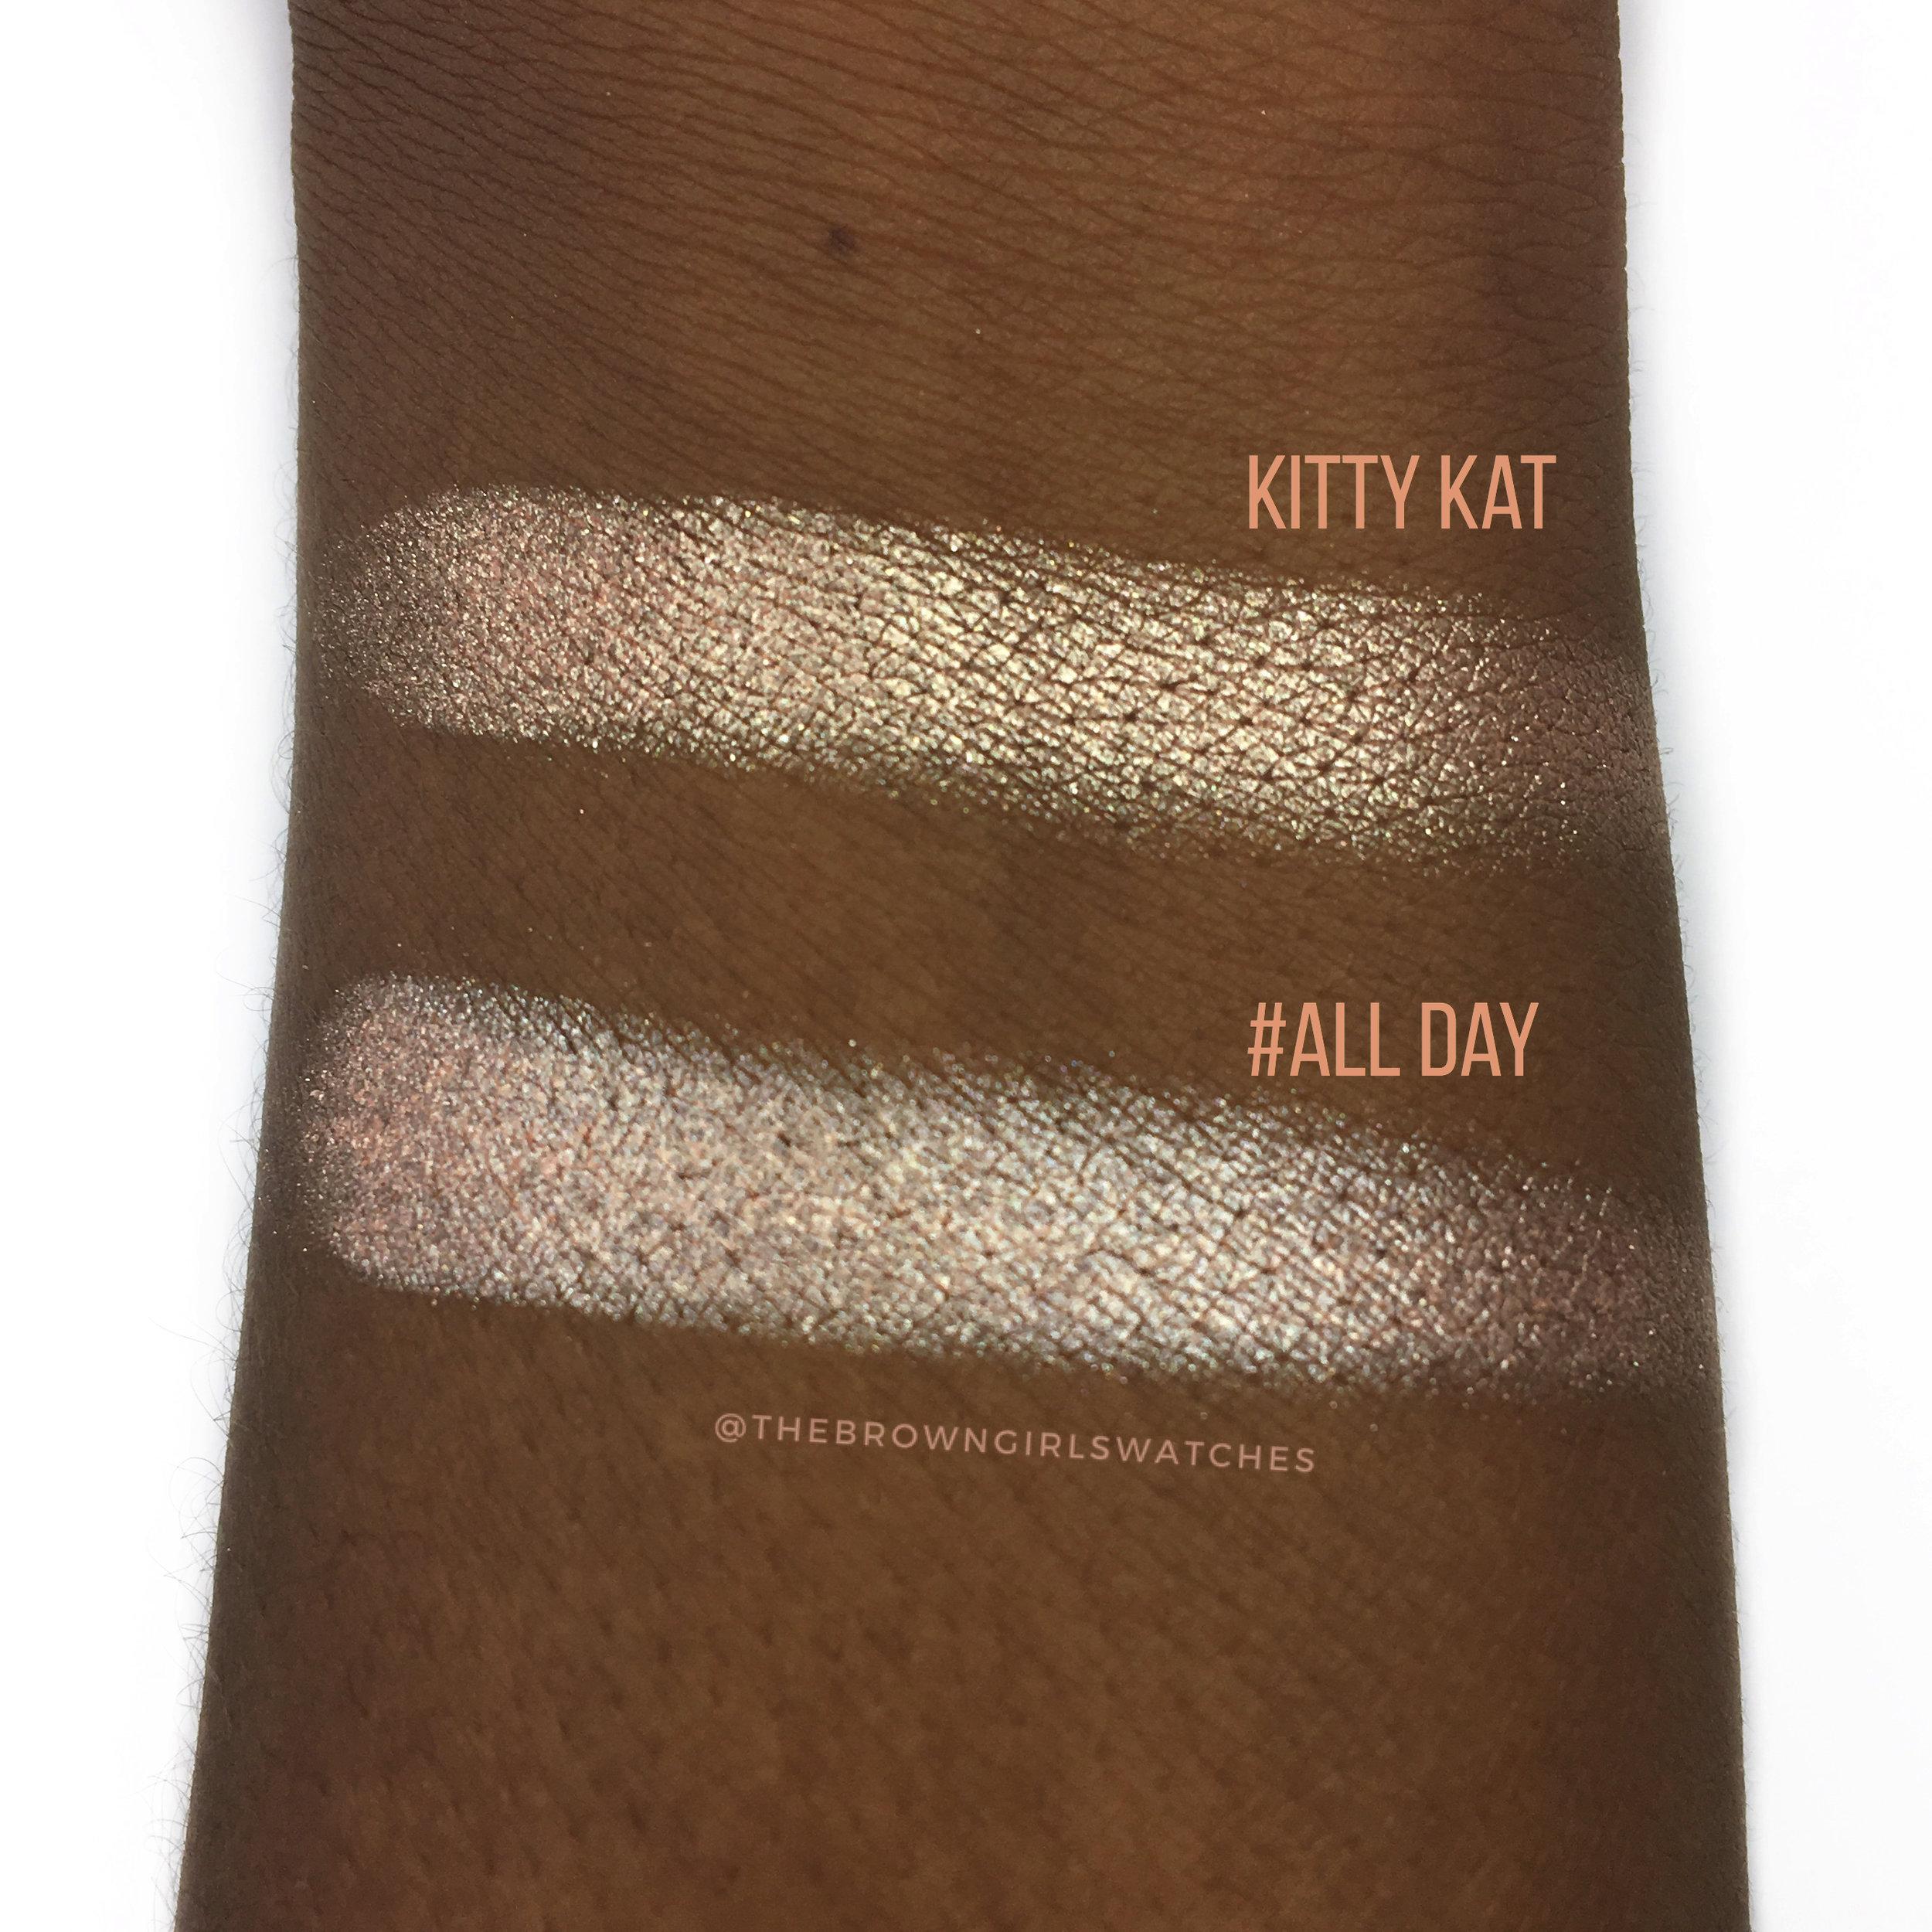 """ABH """"Kitty Kat"""" Versus Bad Habit Beauty """"#ALLDAY"""""""